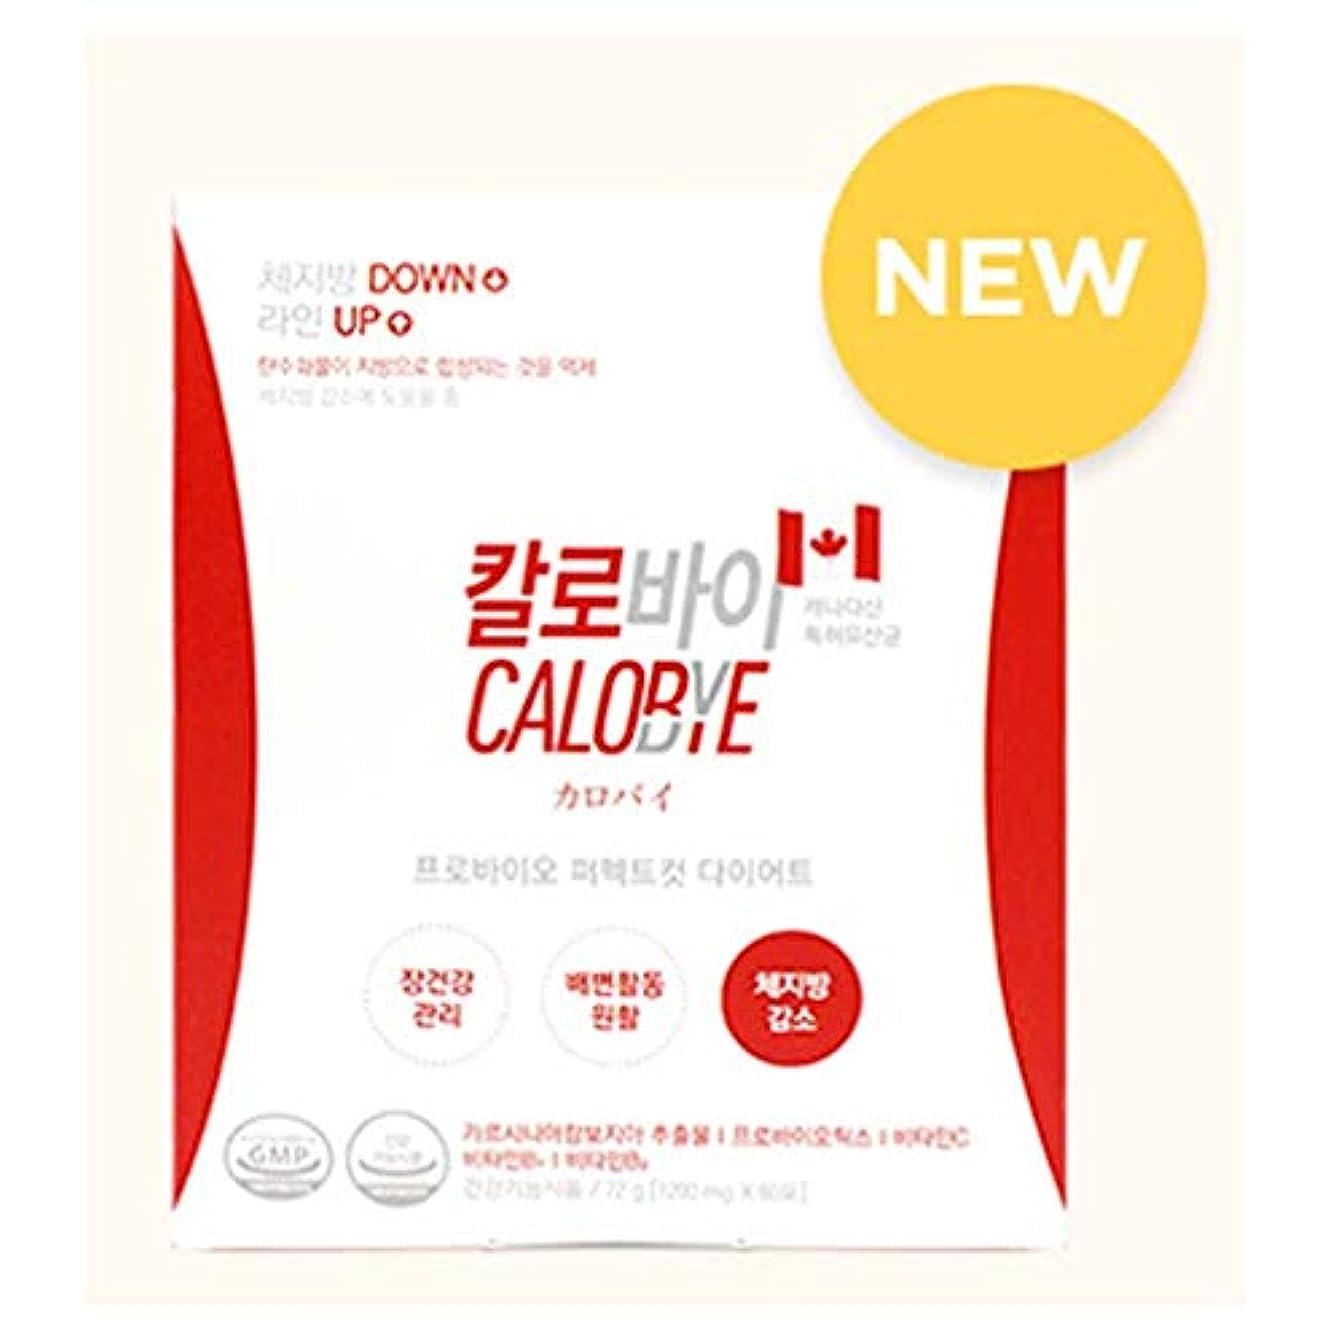 とげ分数包囲New CALOBYE Premium: 減量食薬 Weight Loss Diet for 1month (60 Pouch=240pills/2times in a Day Before a Meal) Made in...